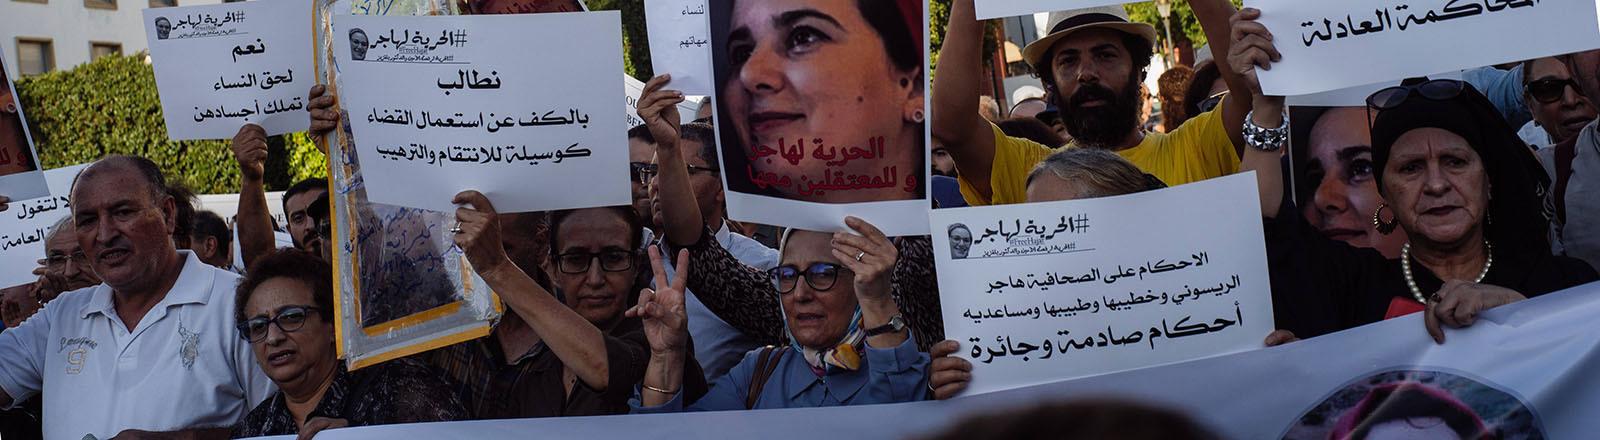 In Rabat, Marokko, fordern Demonstranten die Freilassung der Journalistin Hajar Raissouni; sie halten unter anderem Fotos von ihr in die Luft (02.10.2019)